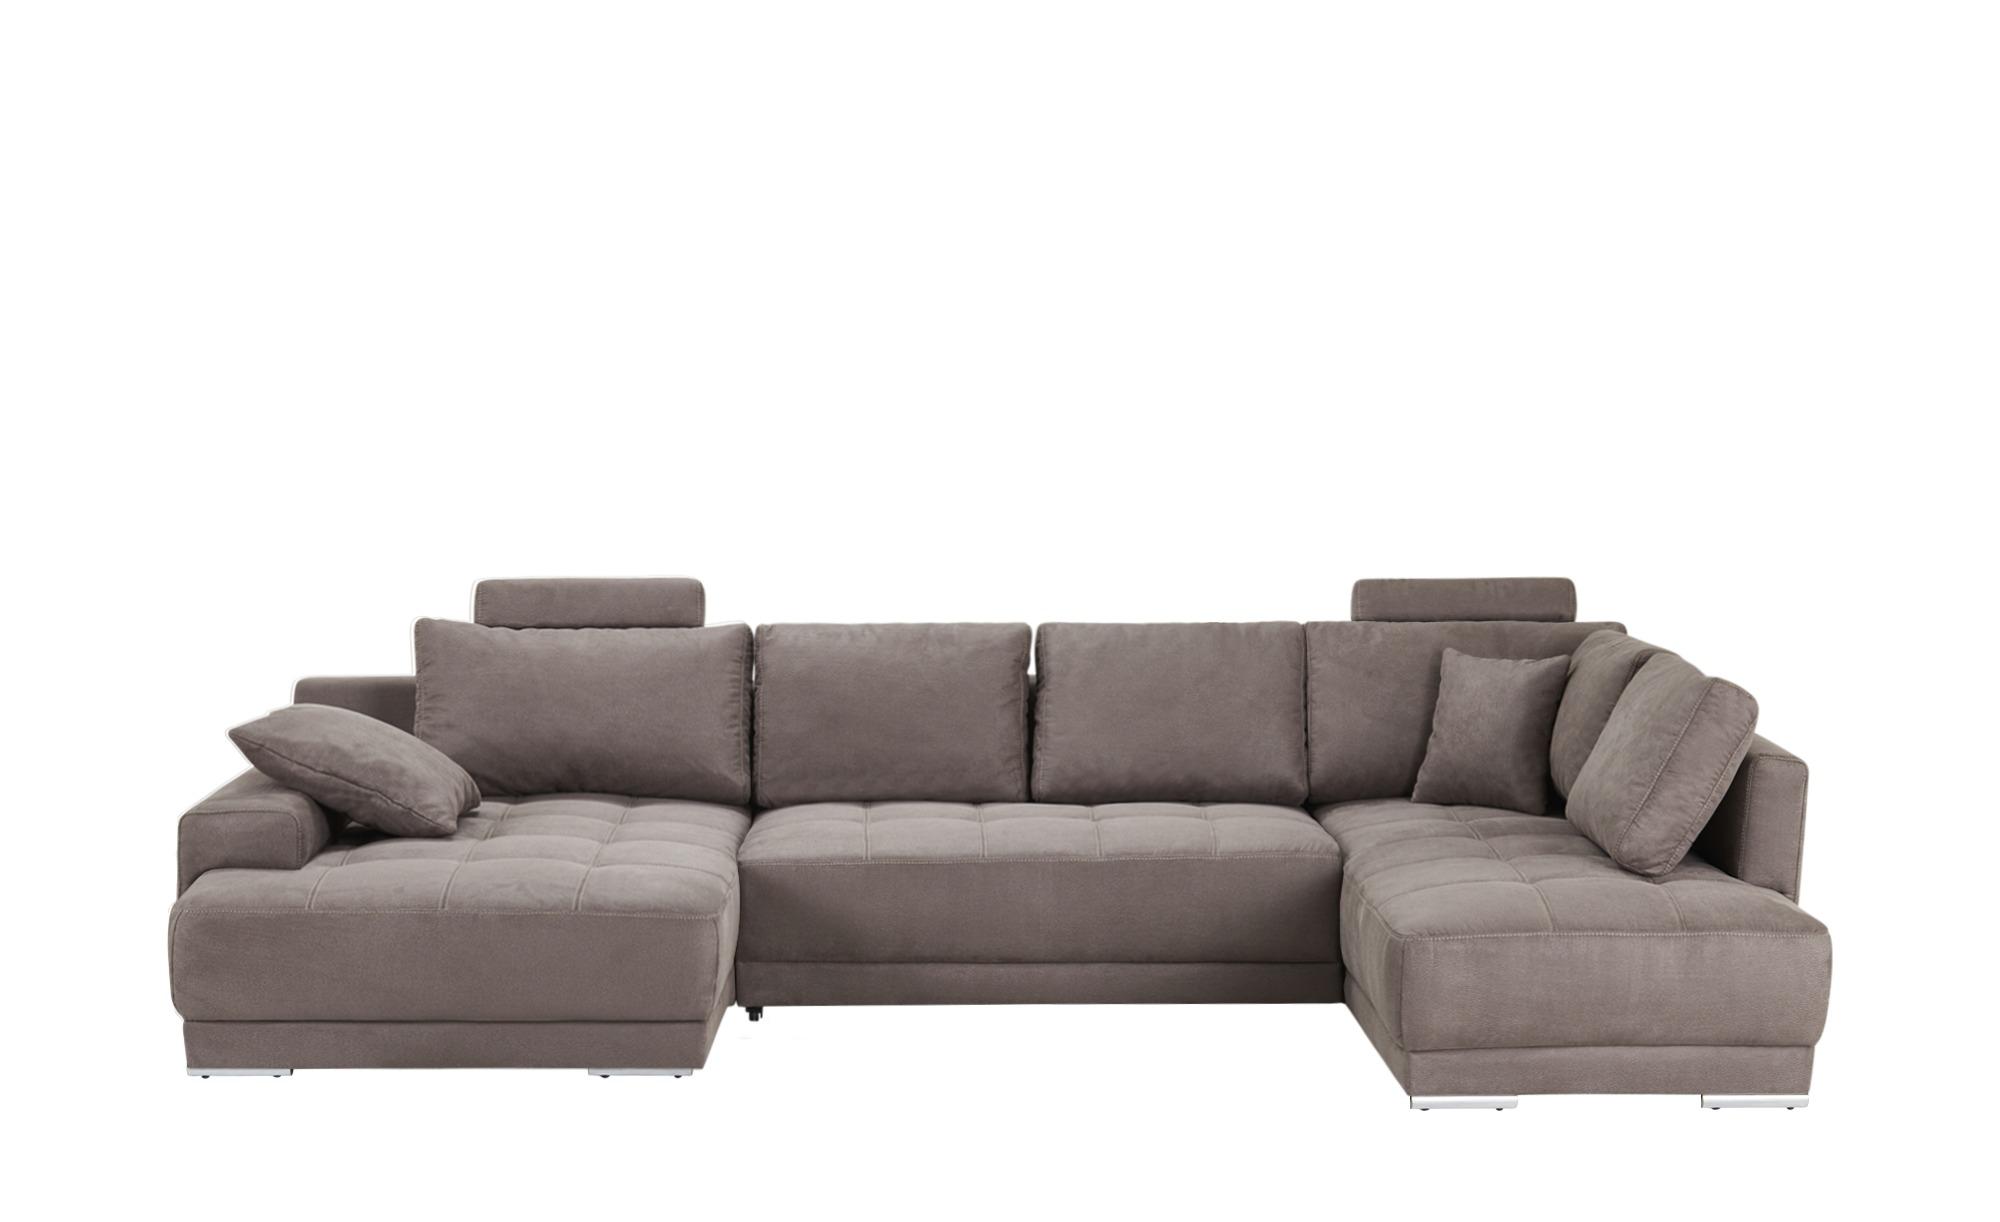 wohnlandschaft aqenique breite 340 cm h he grau online kaufen bei woonio. Black Bedroom Furniture Sets. Home Design Ideas